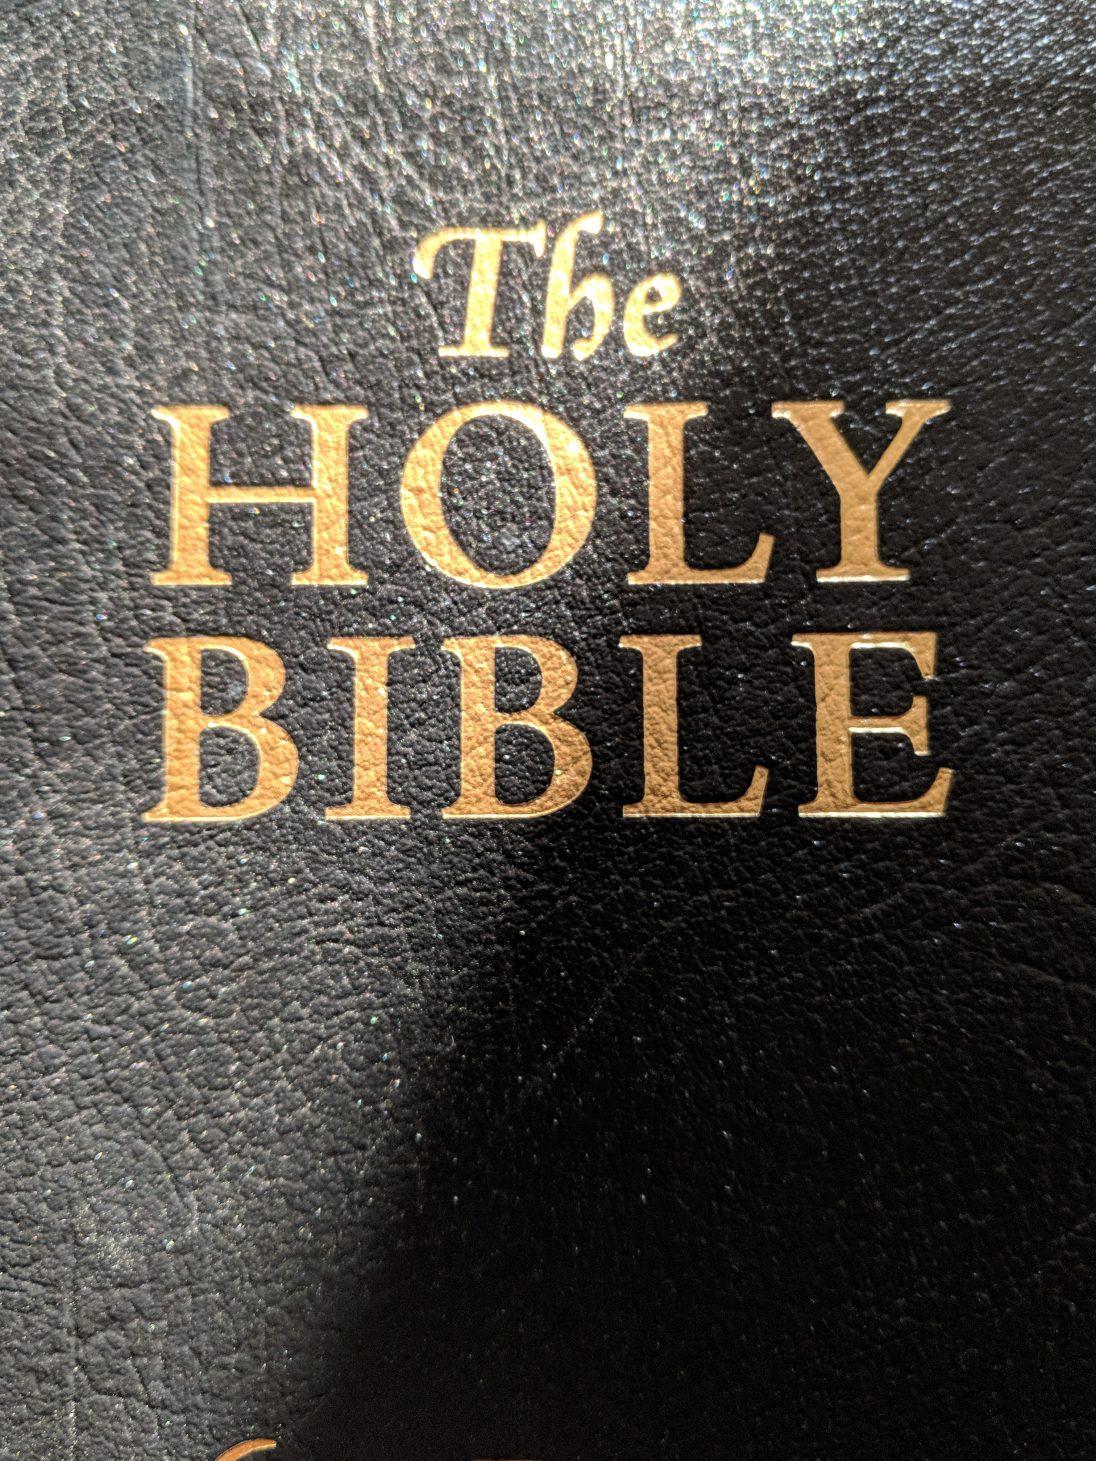 CCGRR Bible Shot 3